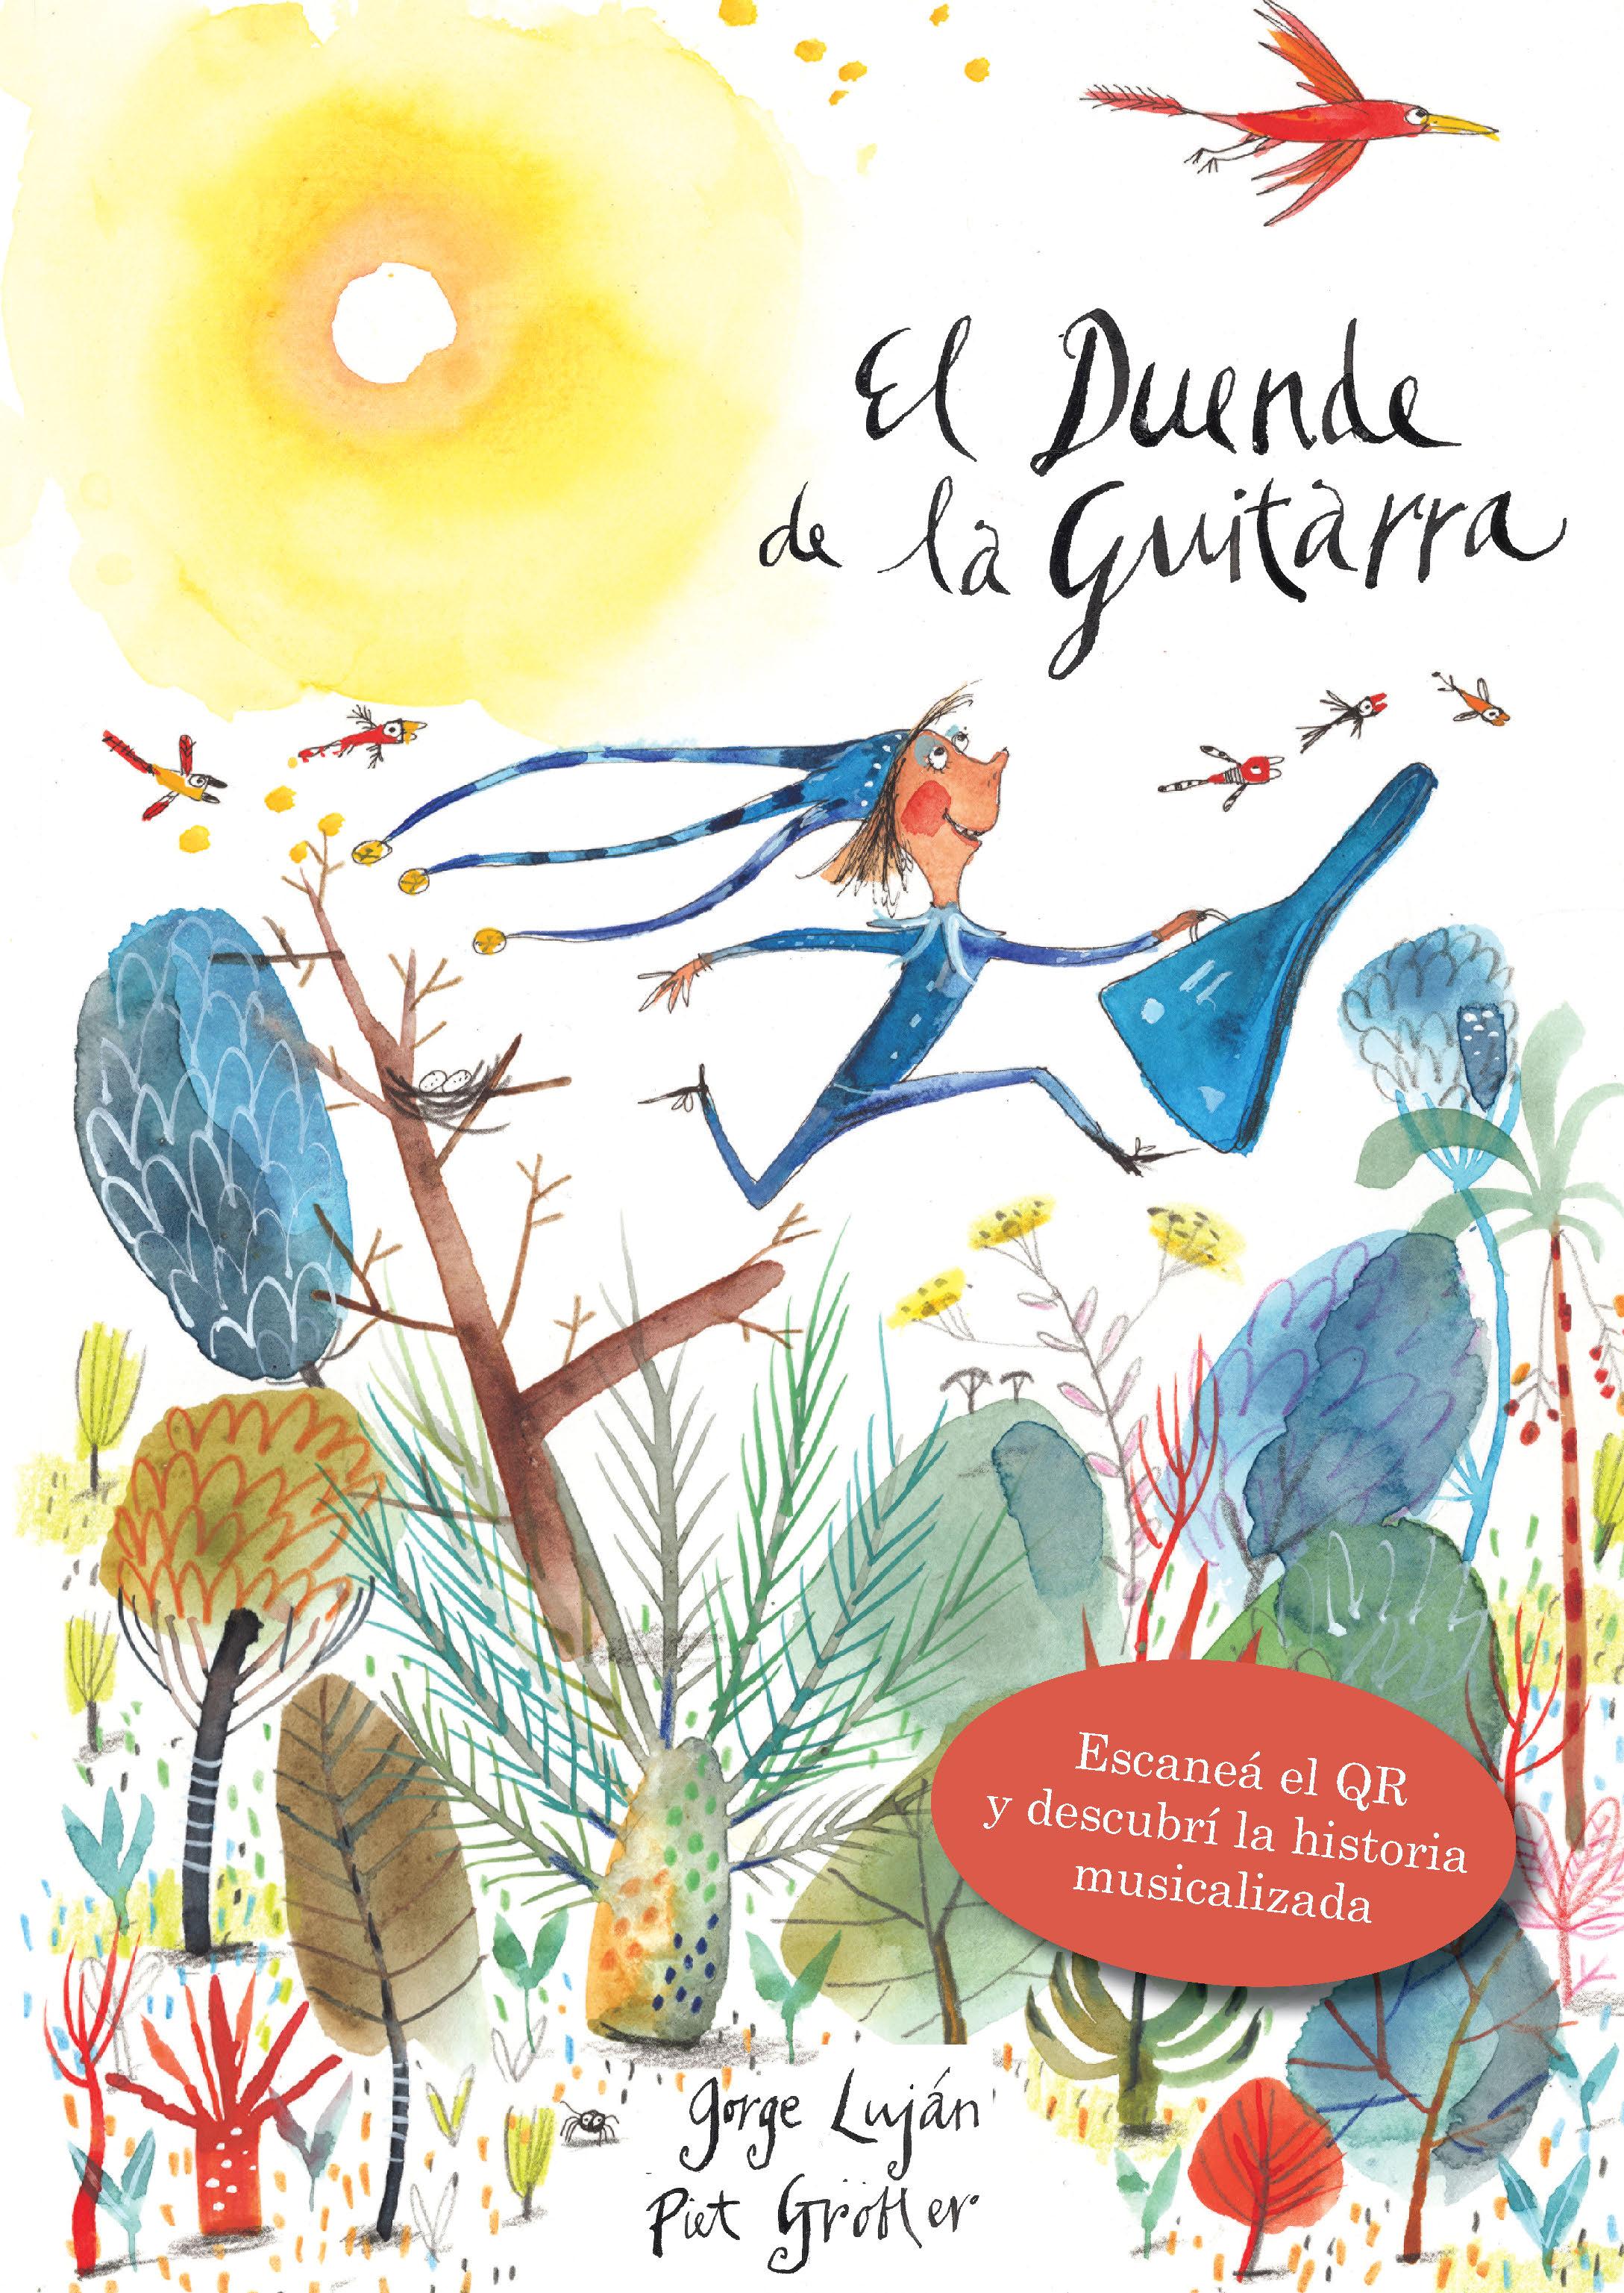 El duende de la guitarra - Luján Jorge Elías